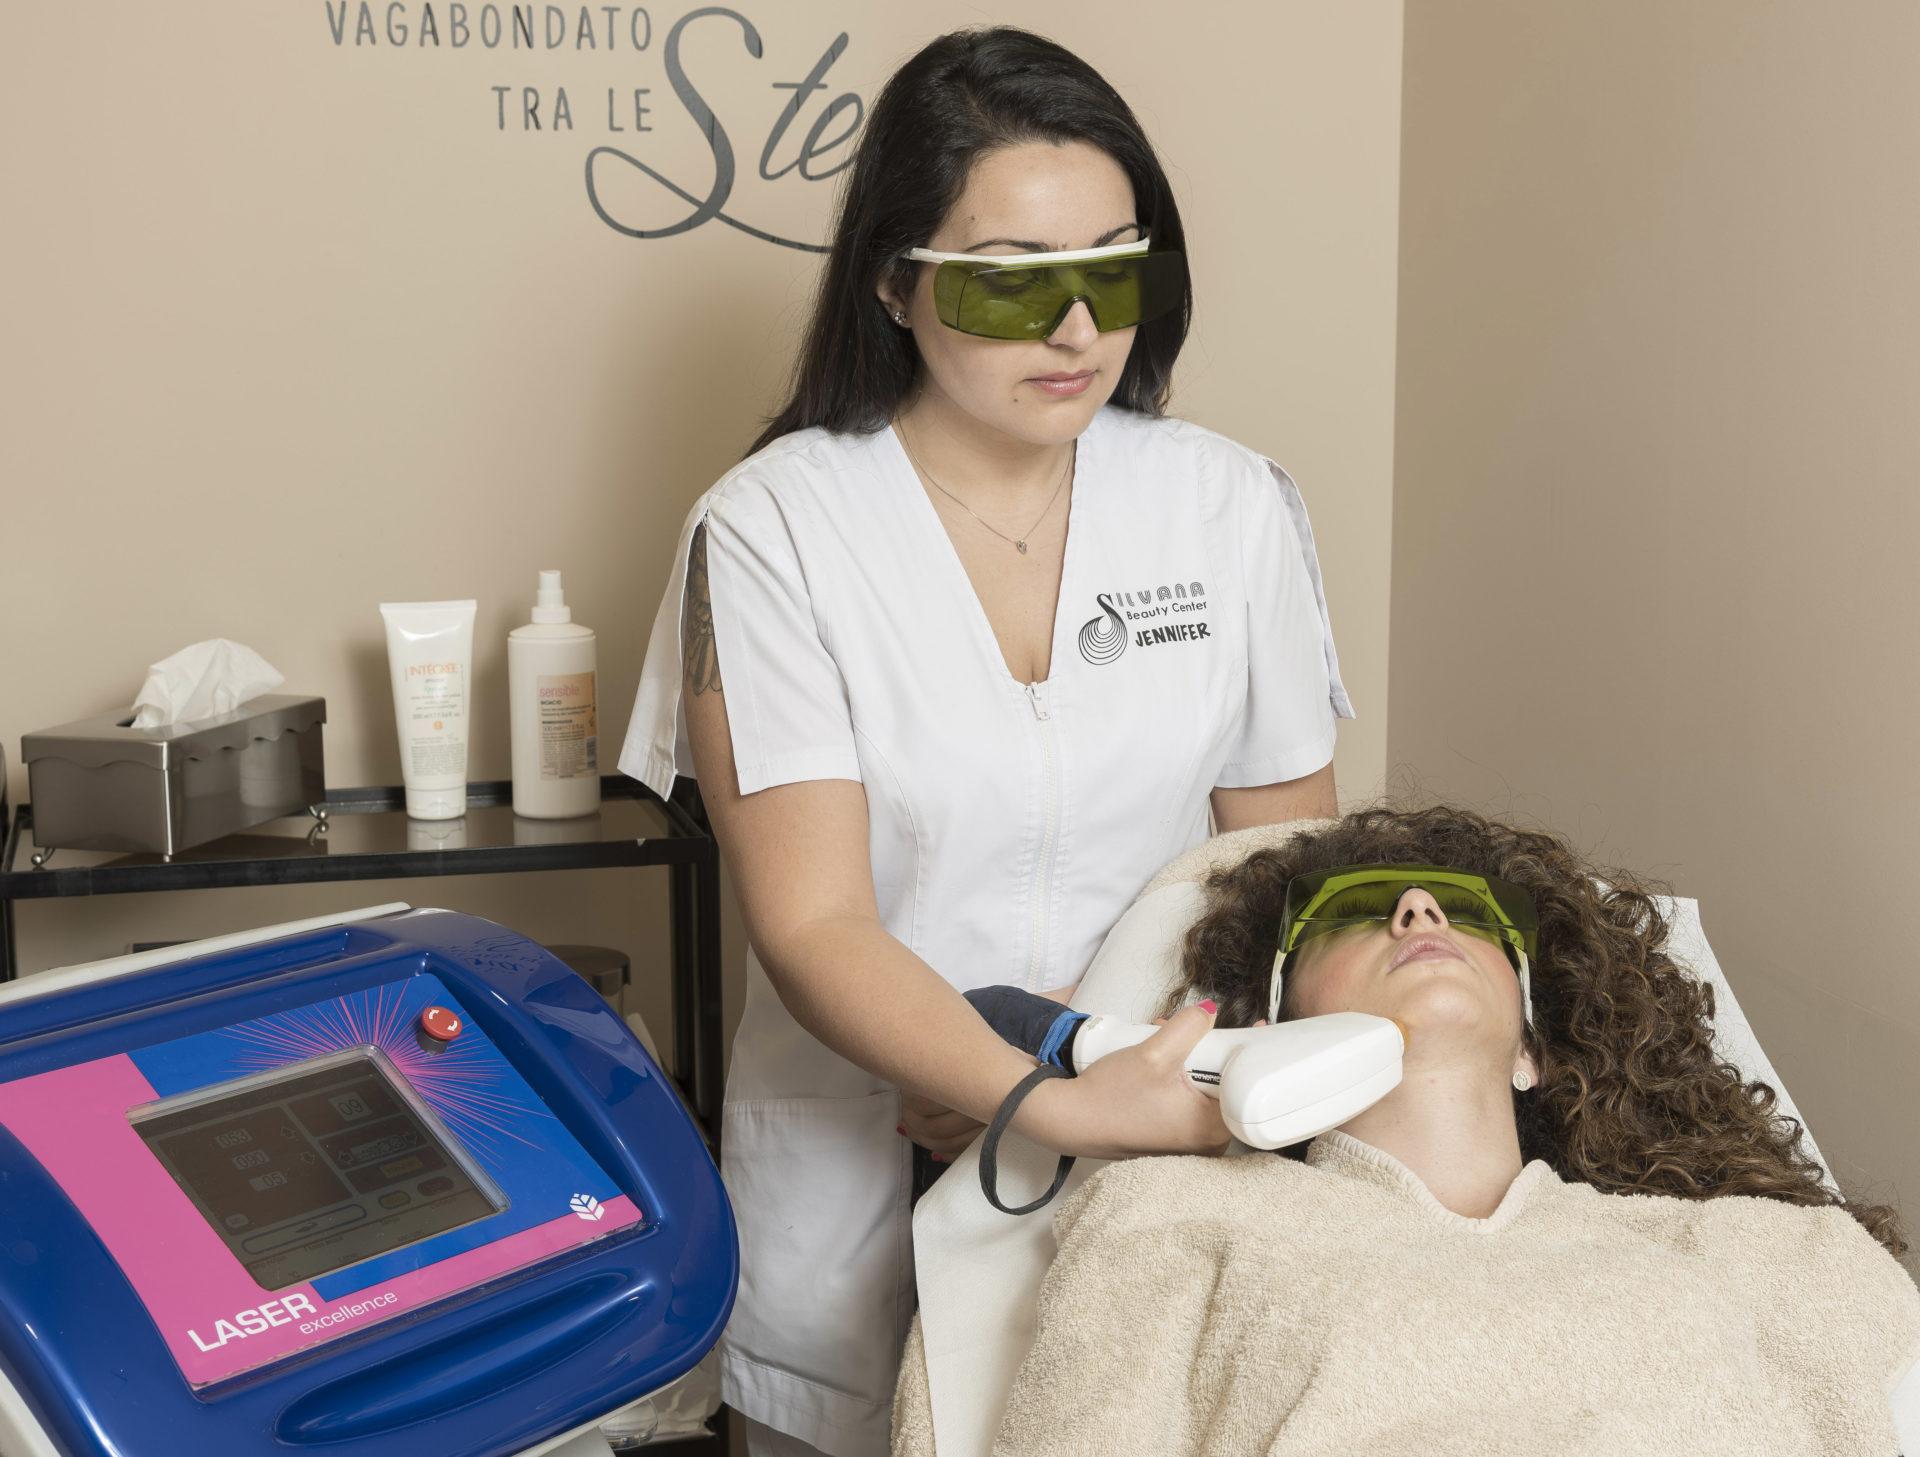 SilvanaBeautyCenter-Centro-estetico-e-parrucchiera-torino-trattamento-laser